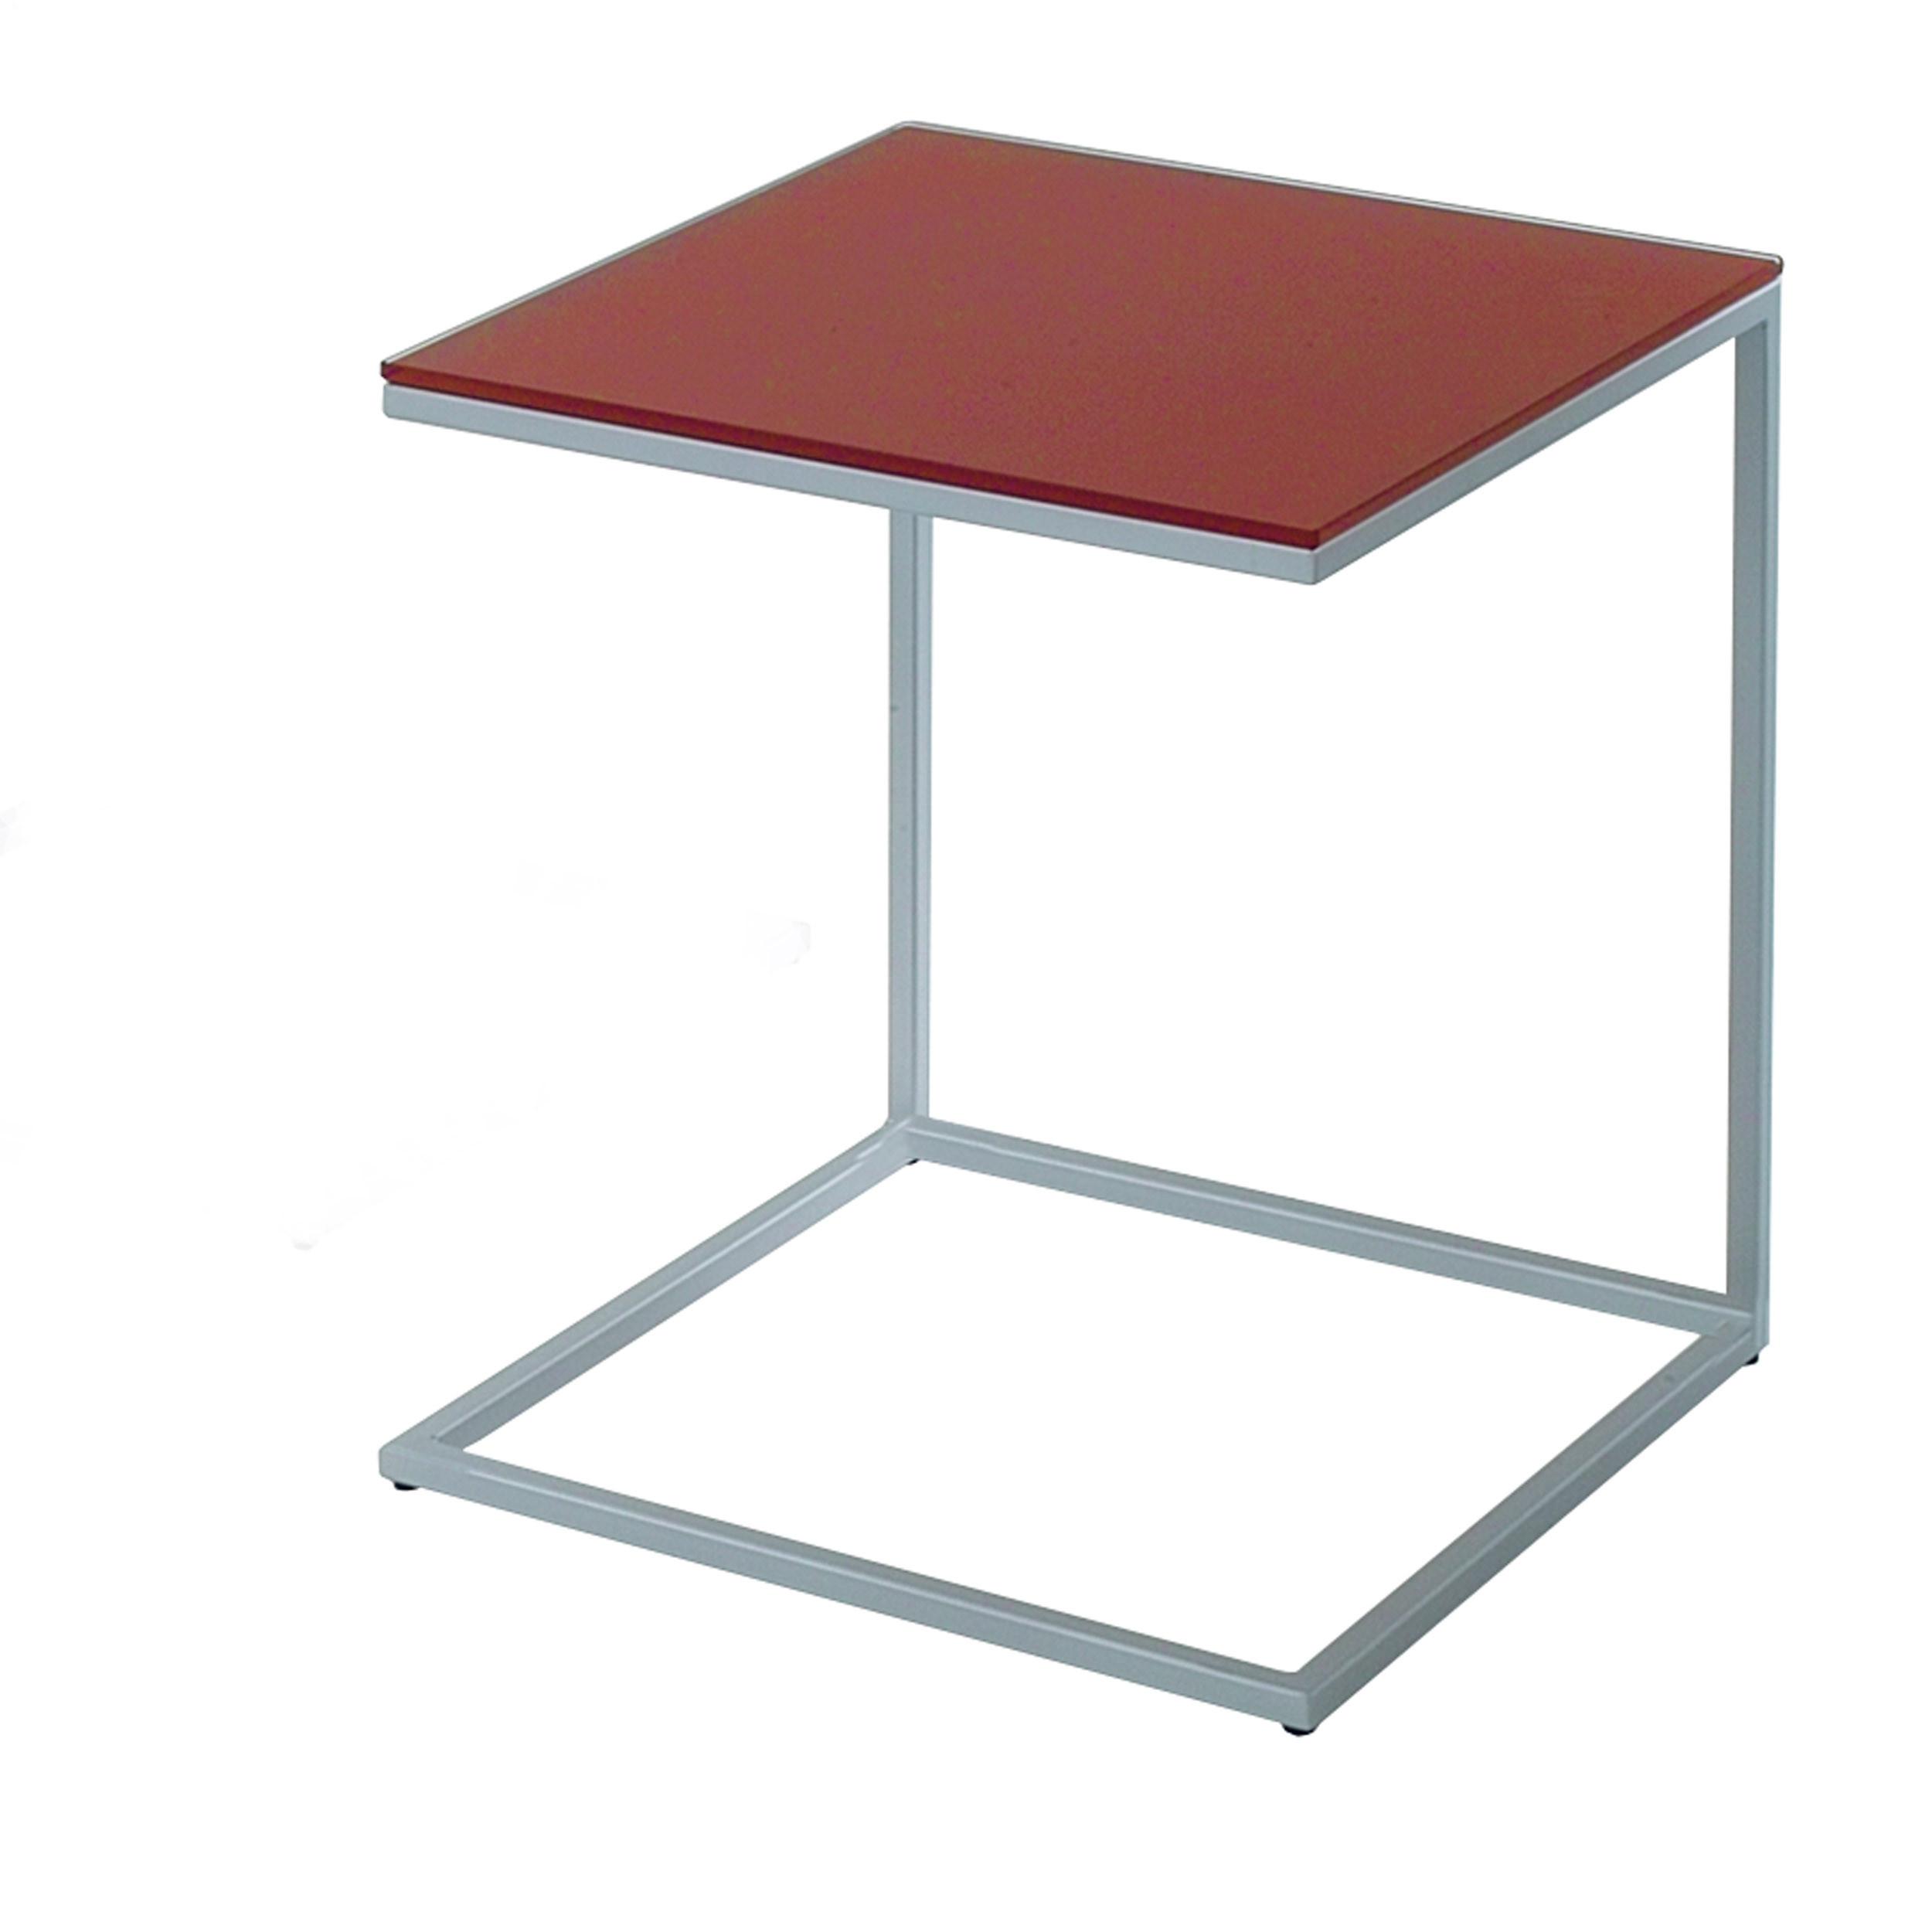 classico 40 beistell und couchtisch gestell edelstahl rot online kaufen bei woonio. Black Bedroom Furniture Sets. Home Design Ideas